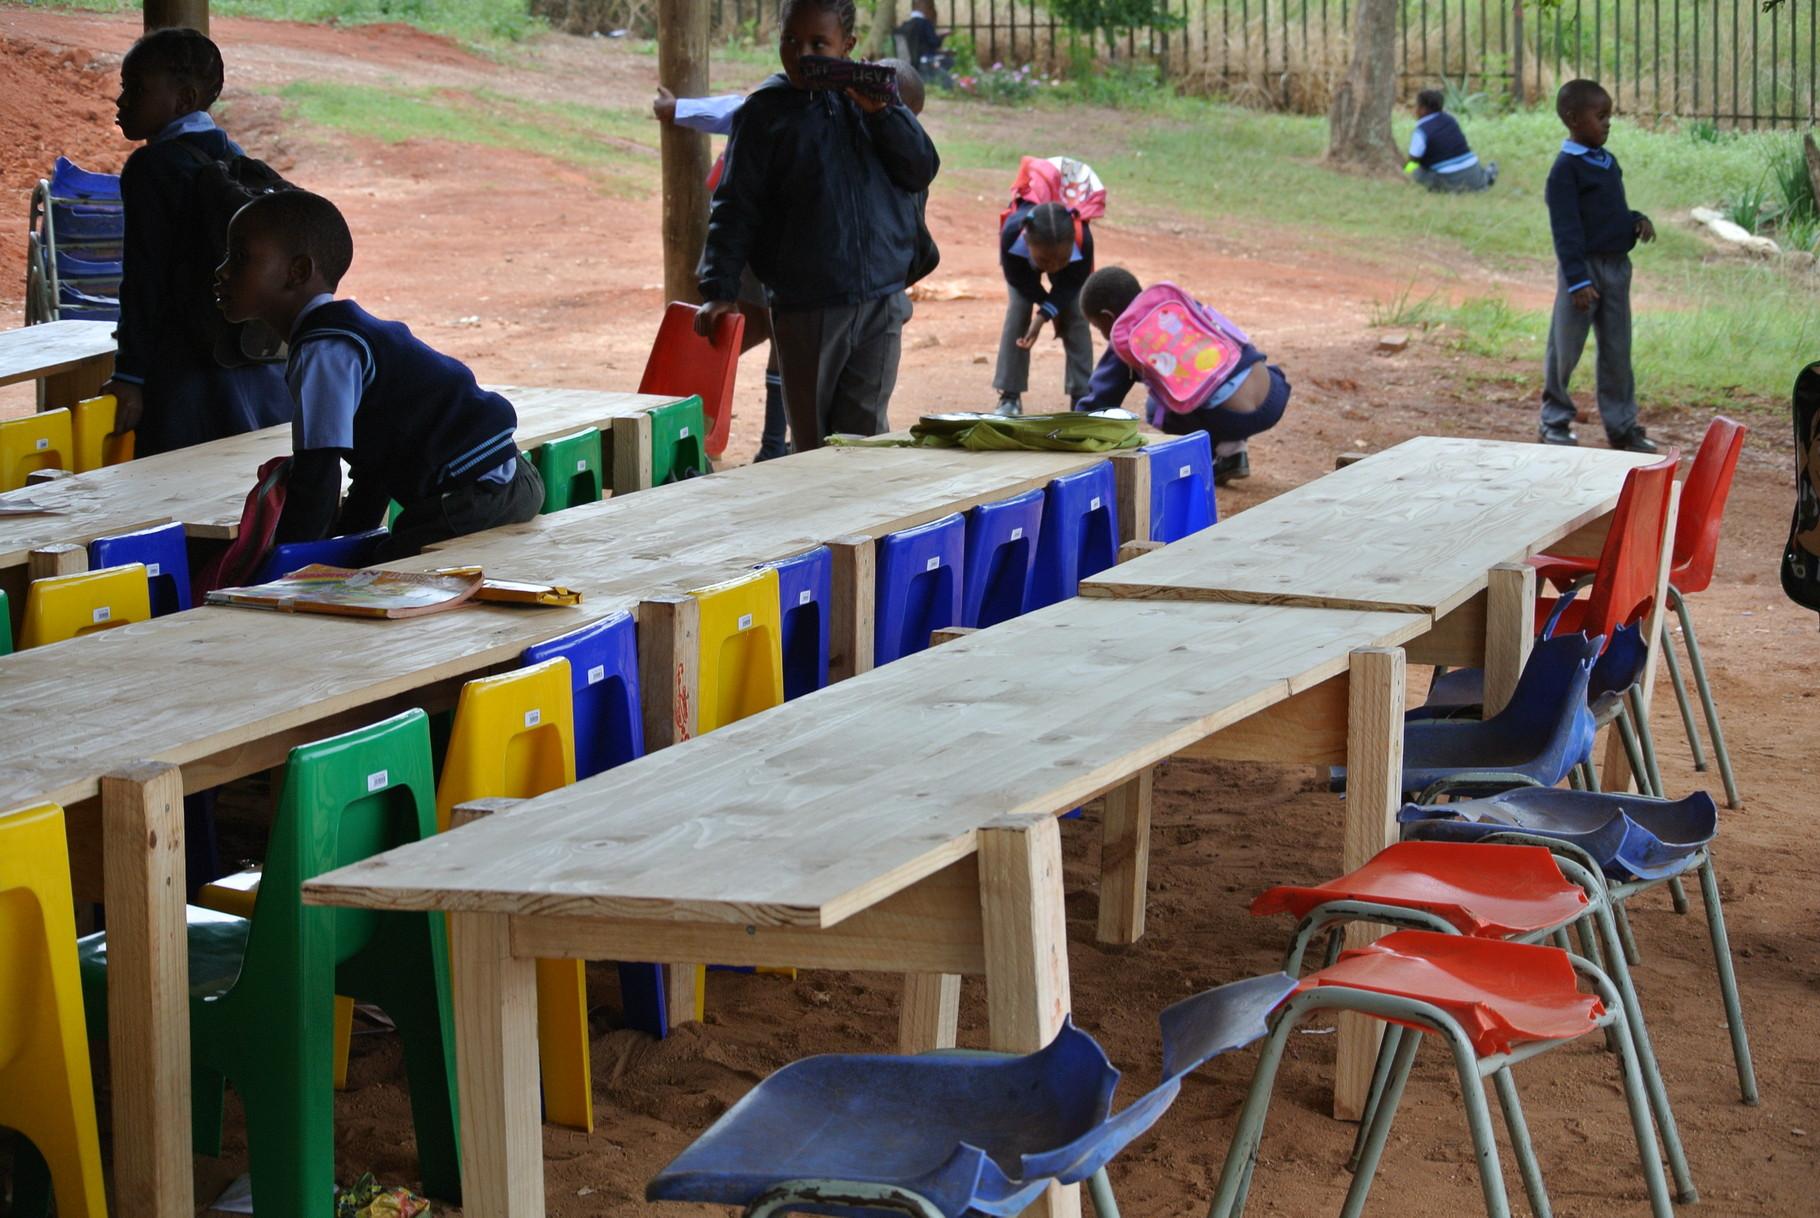 Tische und Stühle für die Klasse unter dem Unterstand